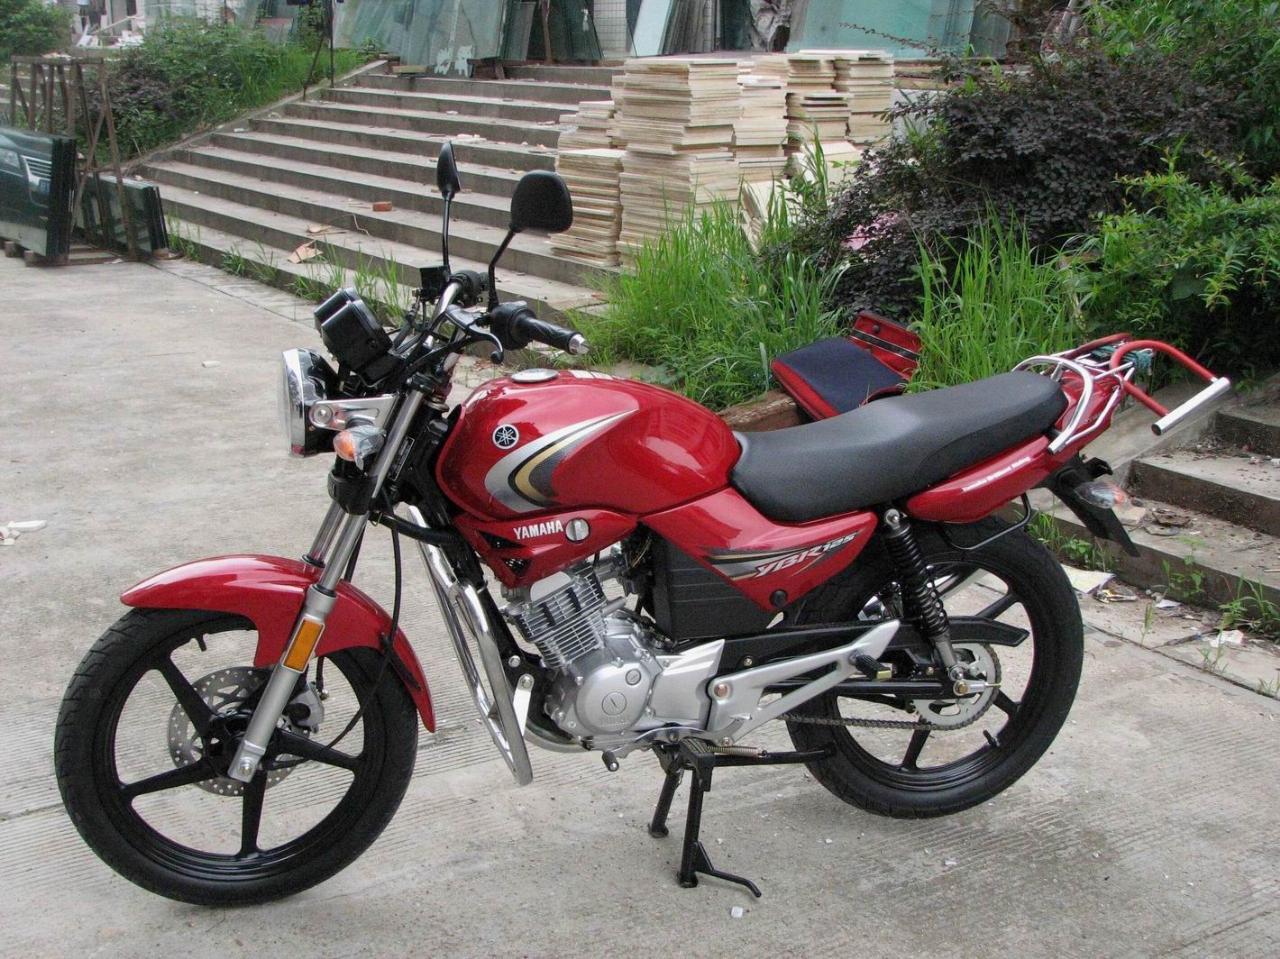 雅马哈迅鹰蓝色_雅马哈125摩托车图片_雅马哈125摩托车图片设计